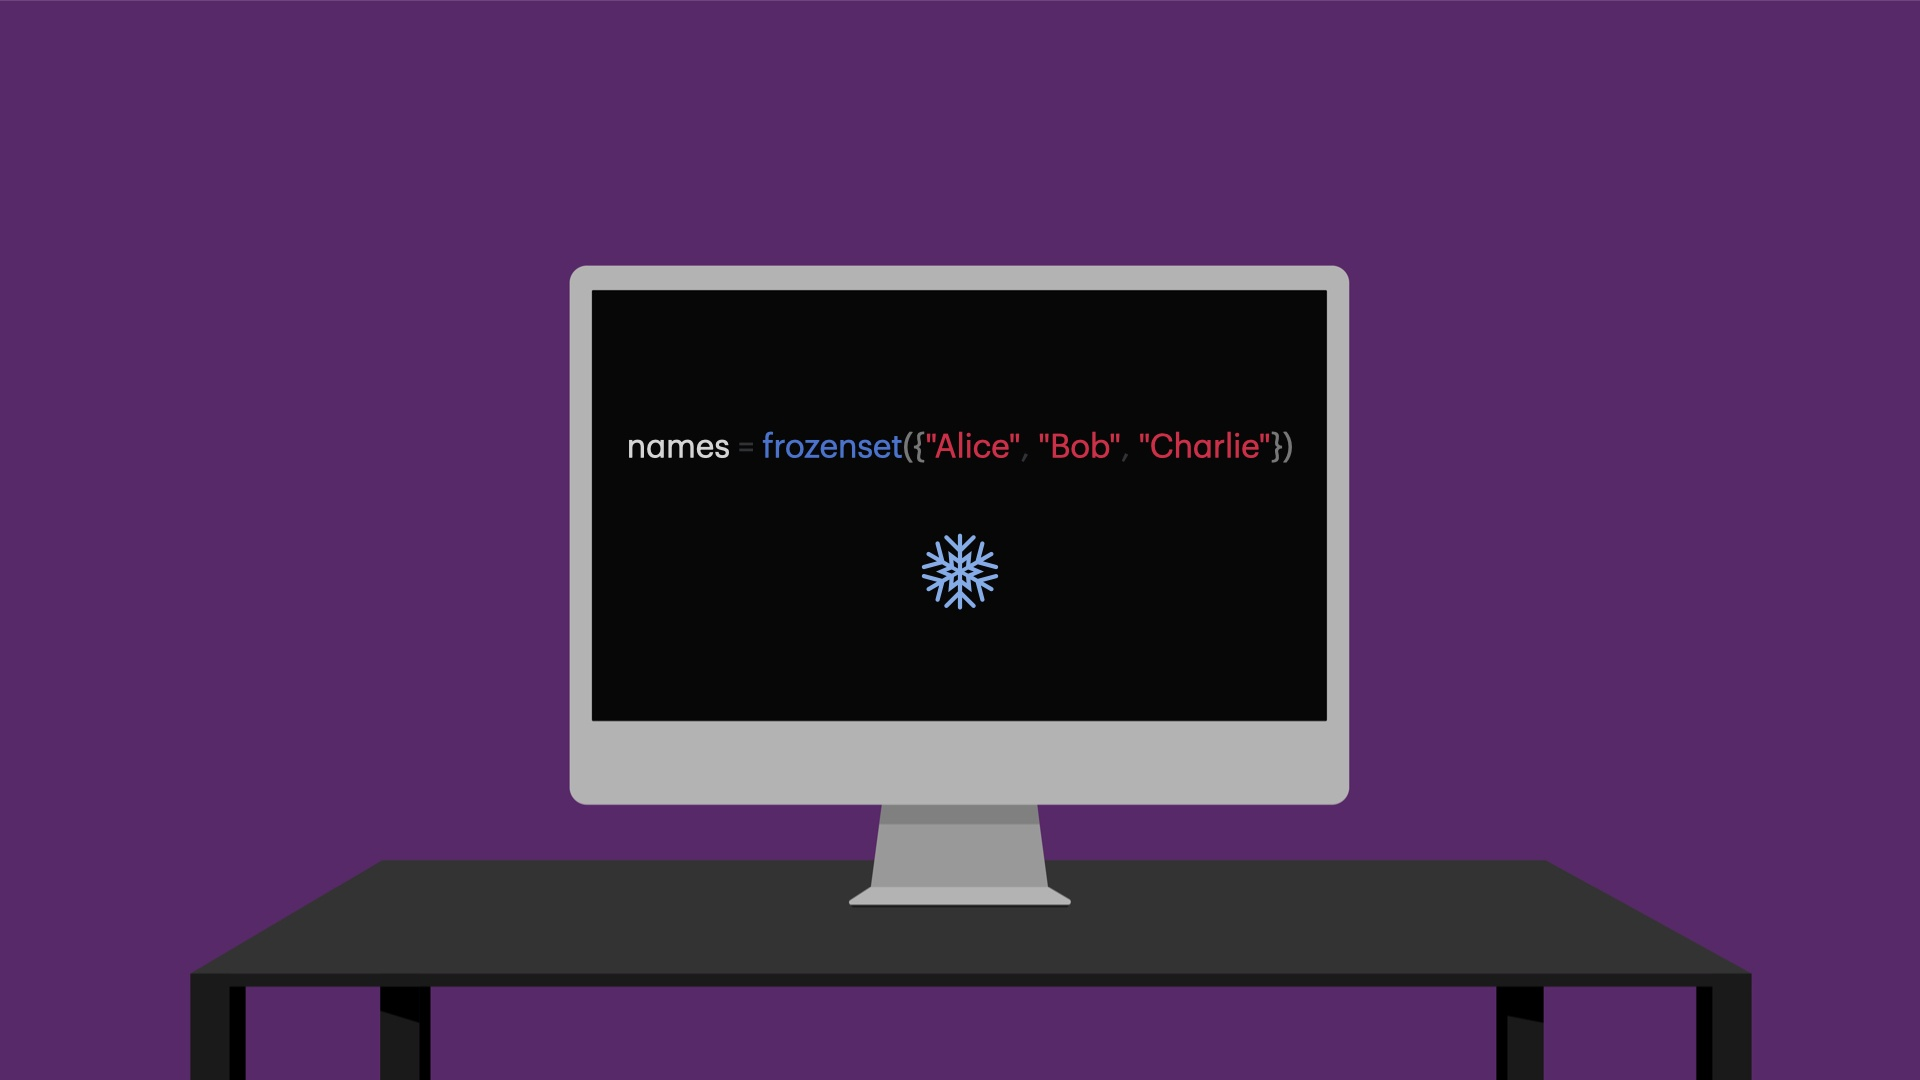 Frozen set in Python